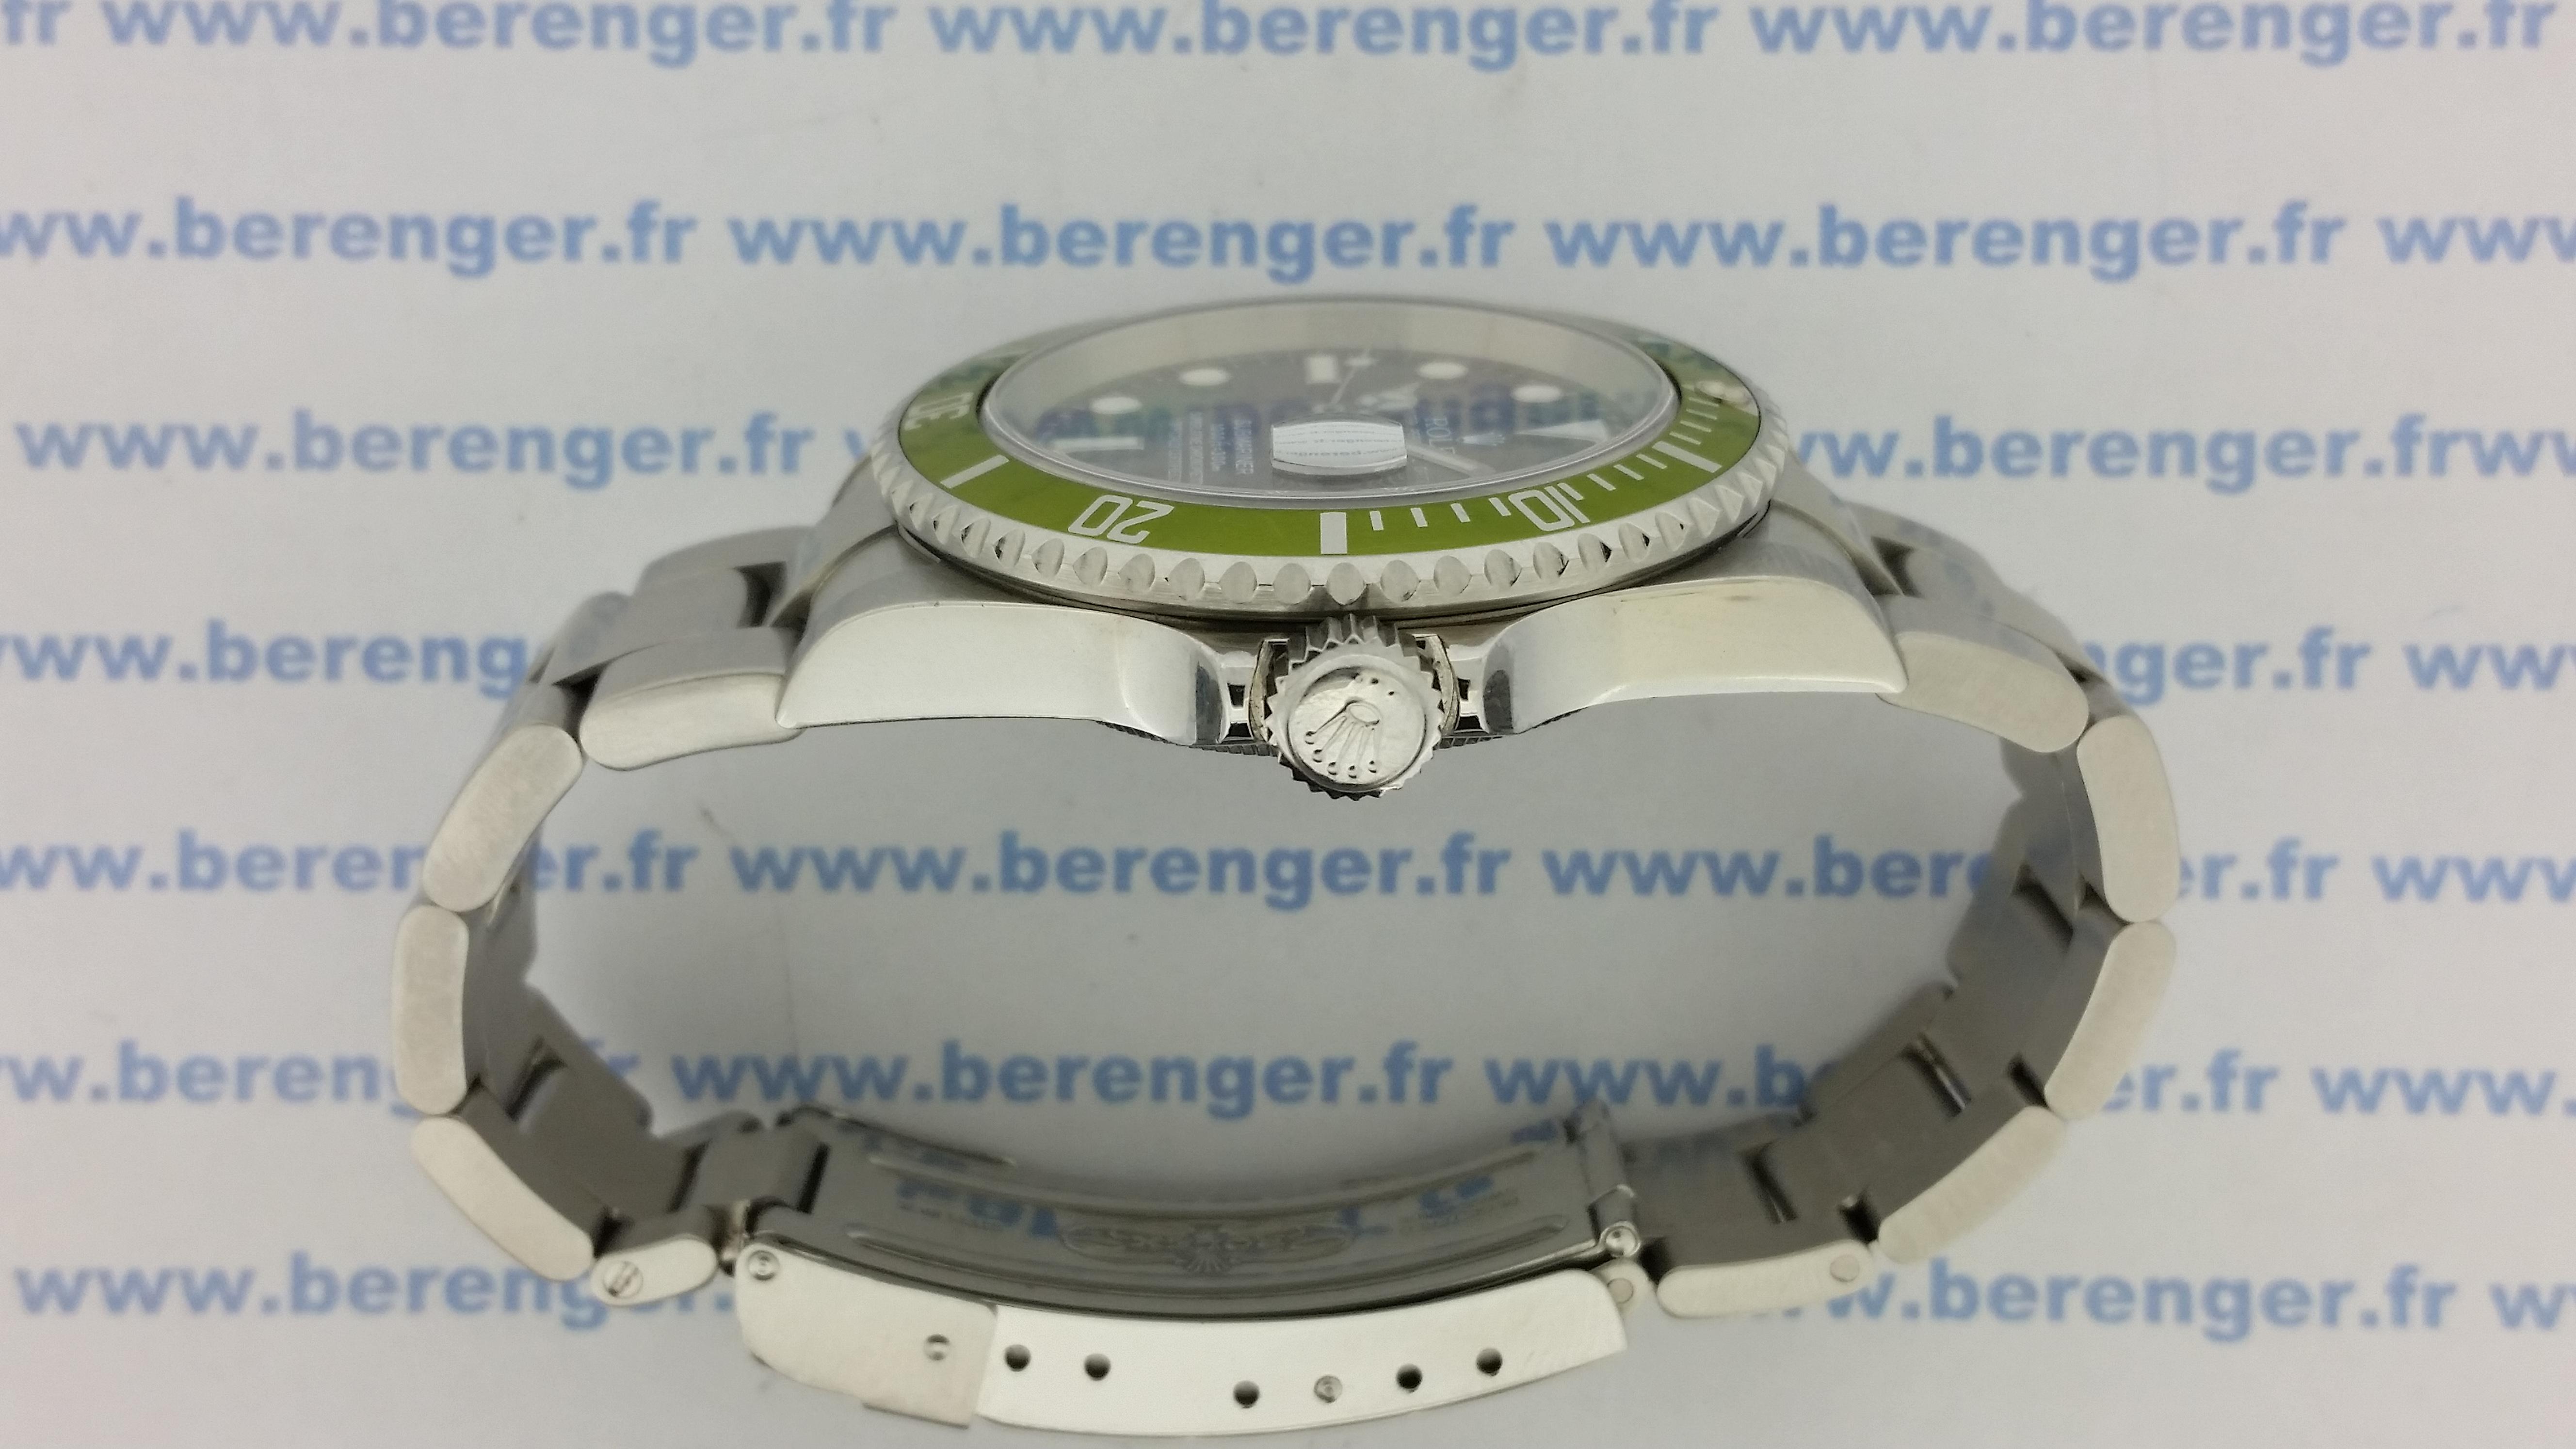 Montre occasion Rolex Submariner 16610 LV.